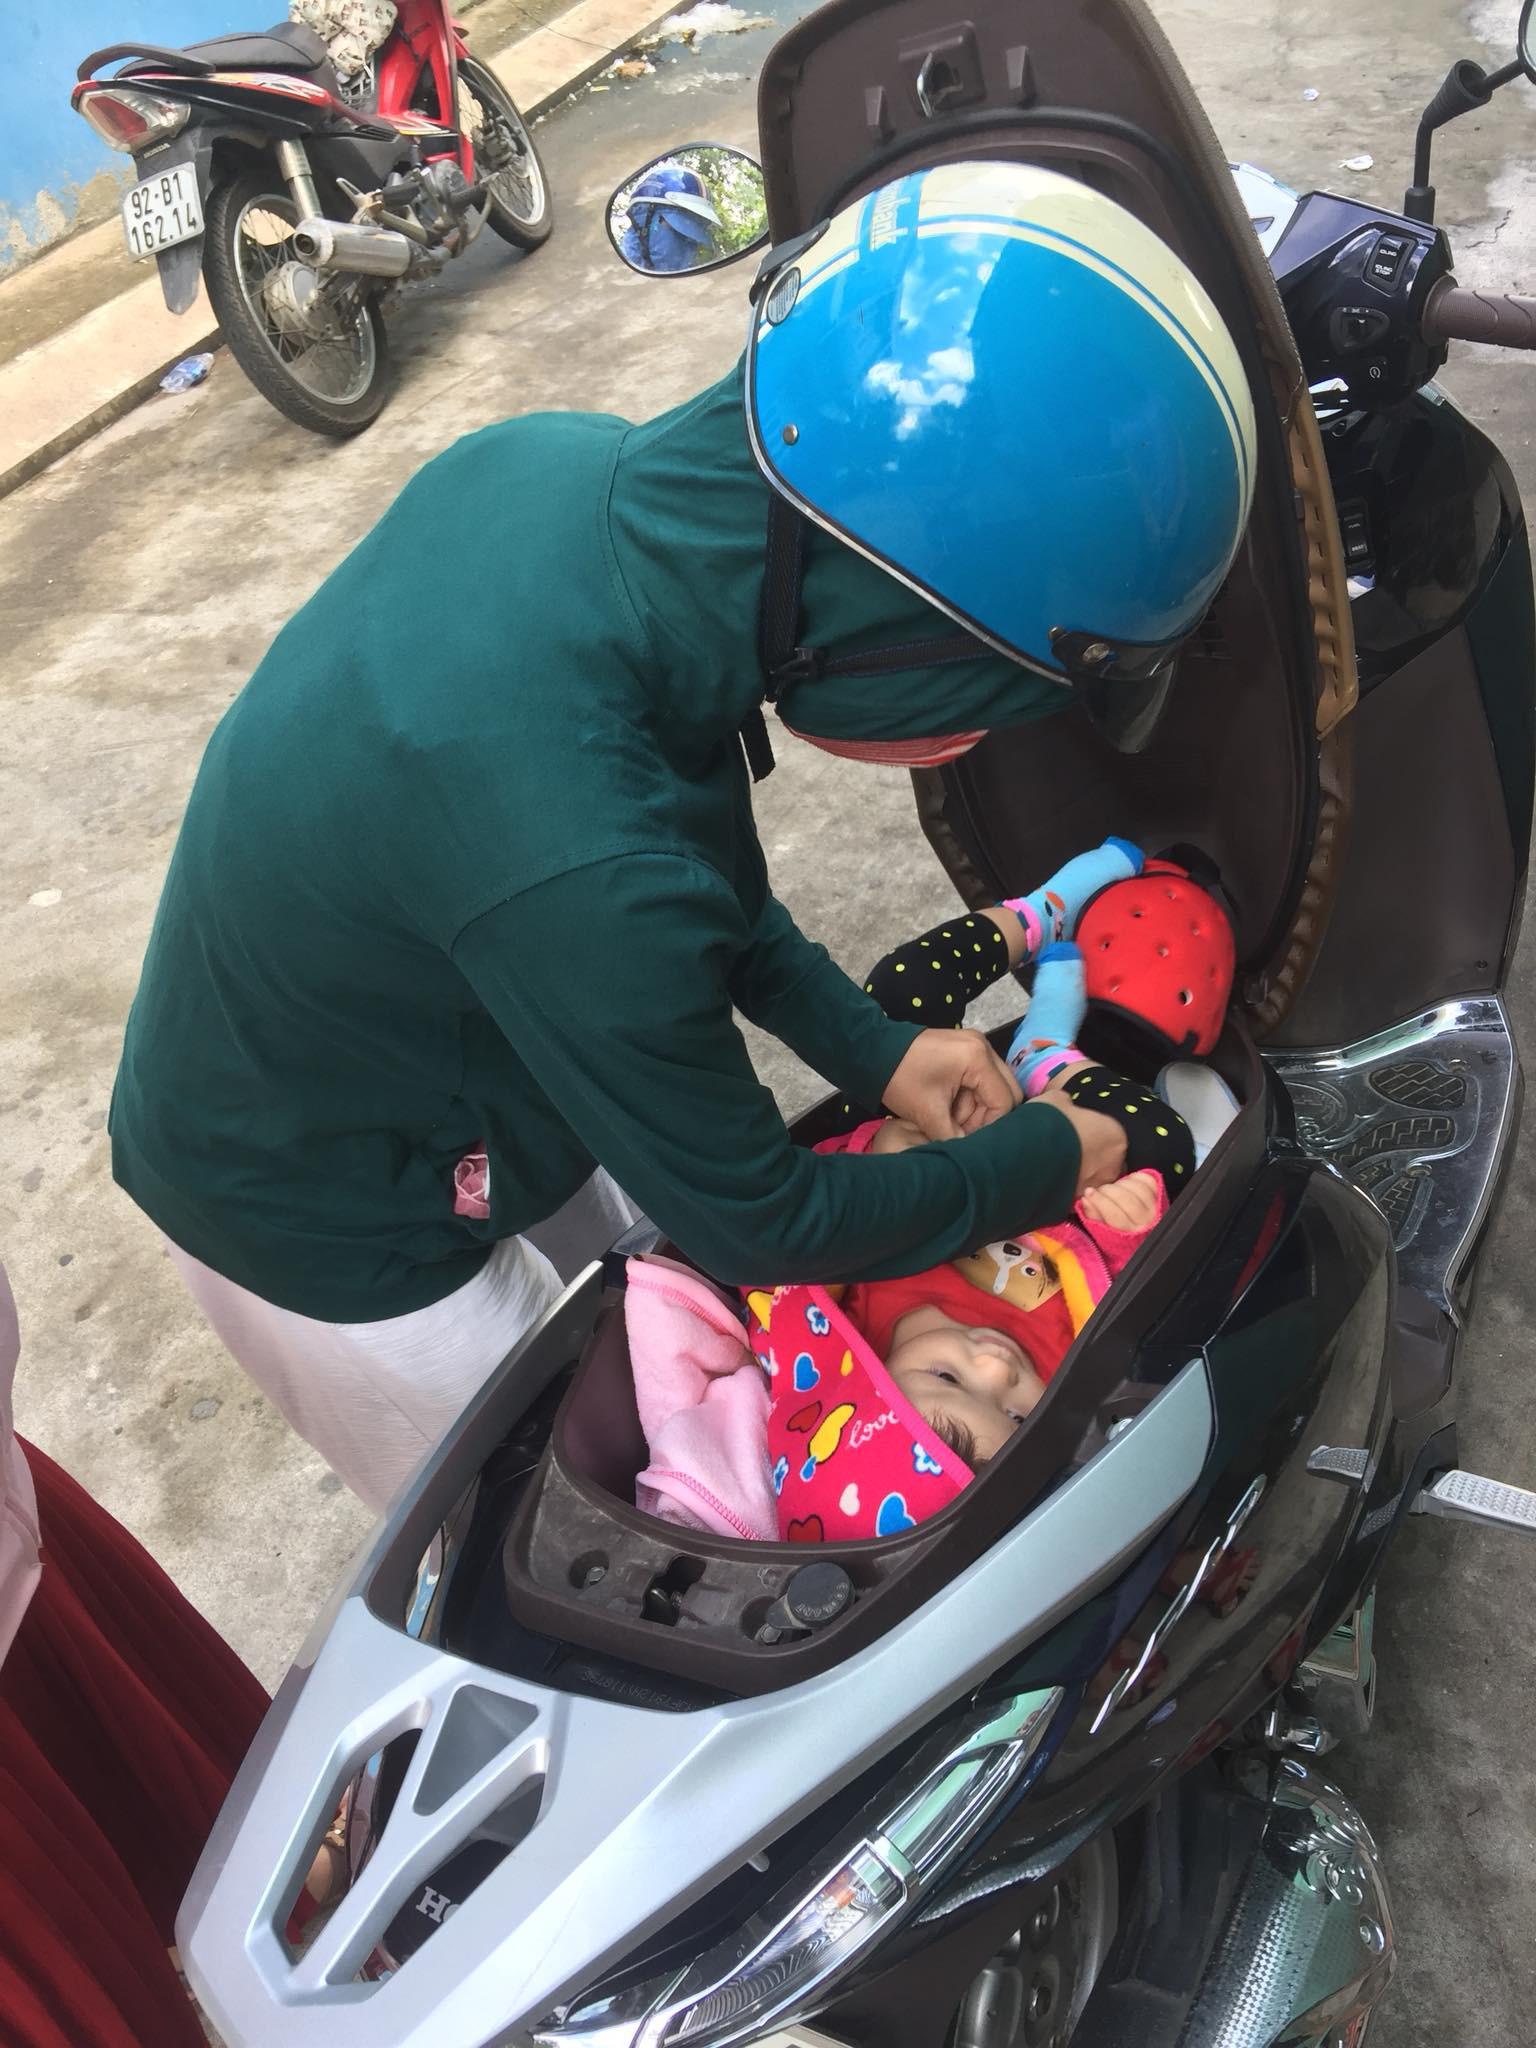 Hình ảnh chị gái đặt con nhỏ vào cốp xe máy để thay tã bên lề đường khiến dân mạng thi nhau đồn đoán đủ điều-2